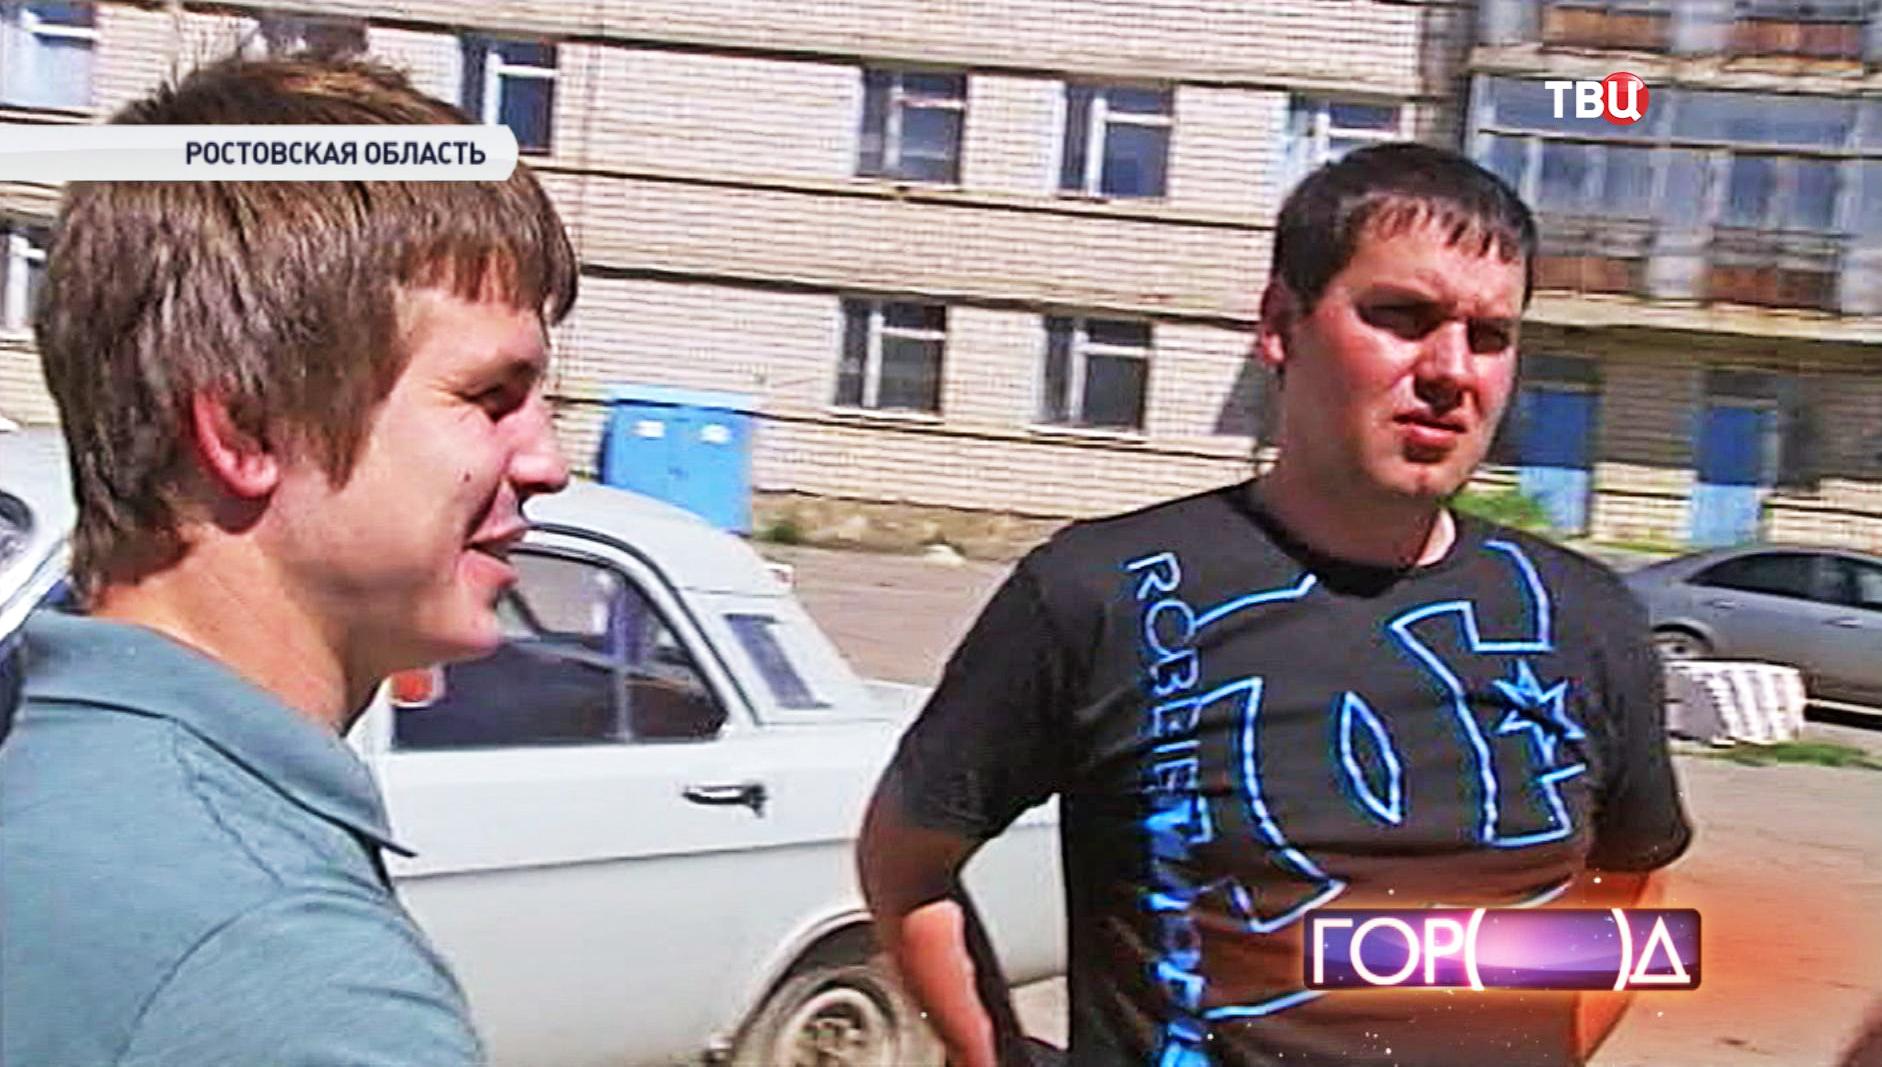 Телеоператор Константин Юдин и специальный корреспондент РЕН ТВ Денис Кулага (слева направо) в Ростовской области